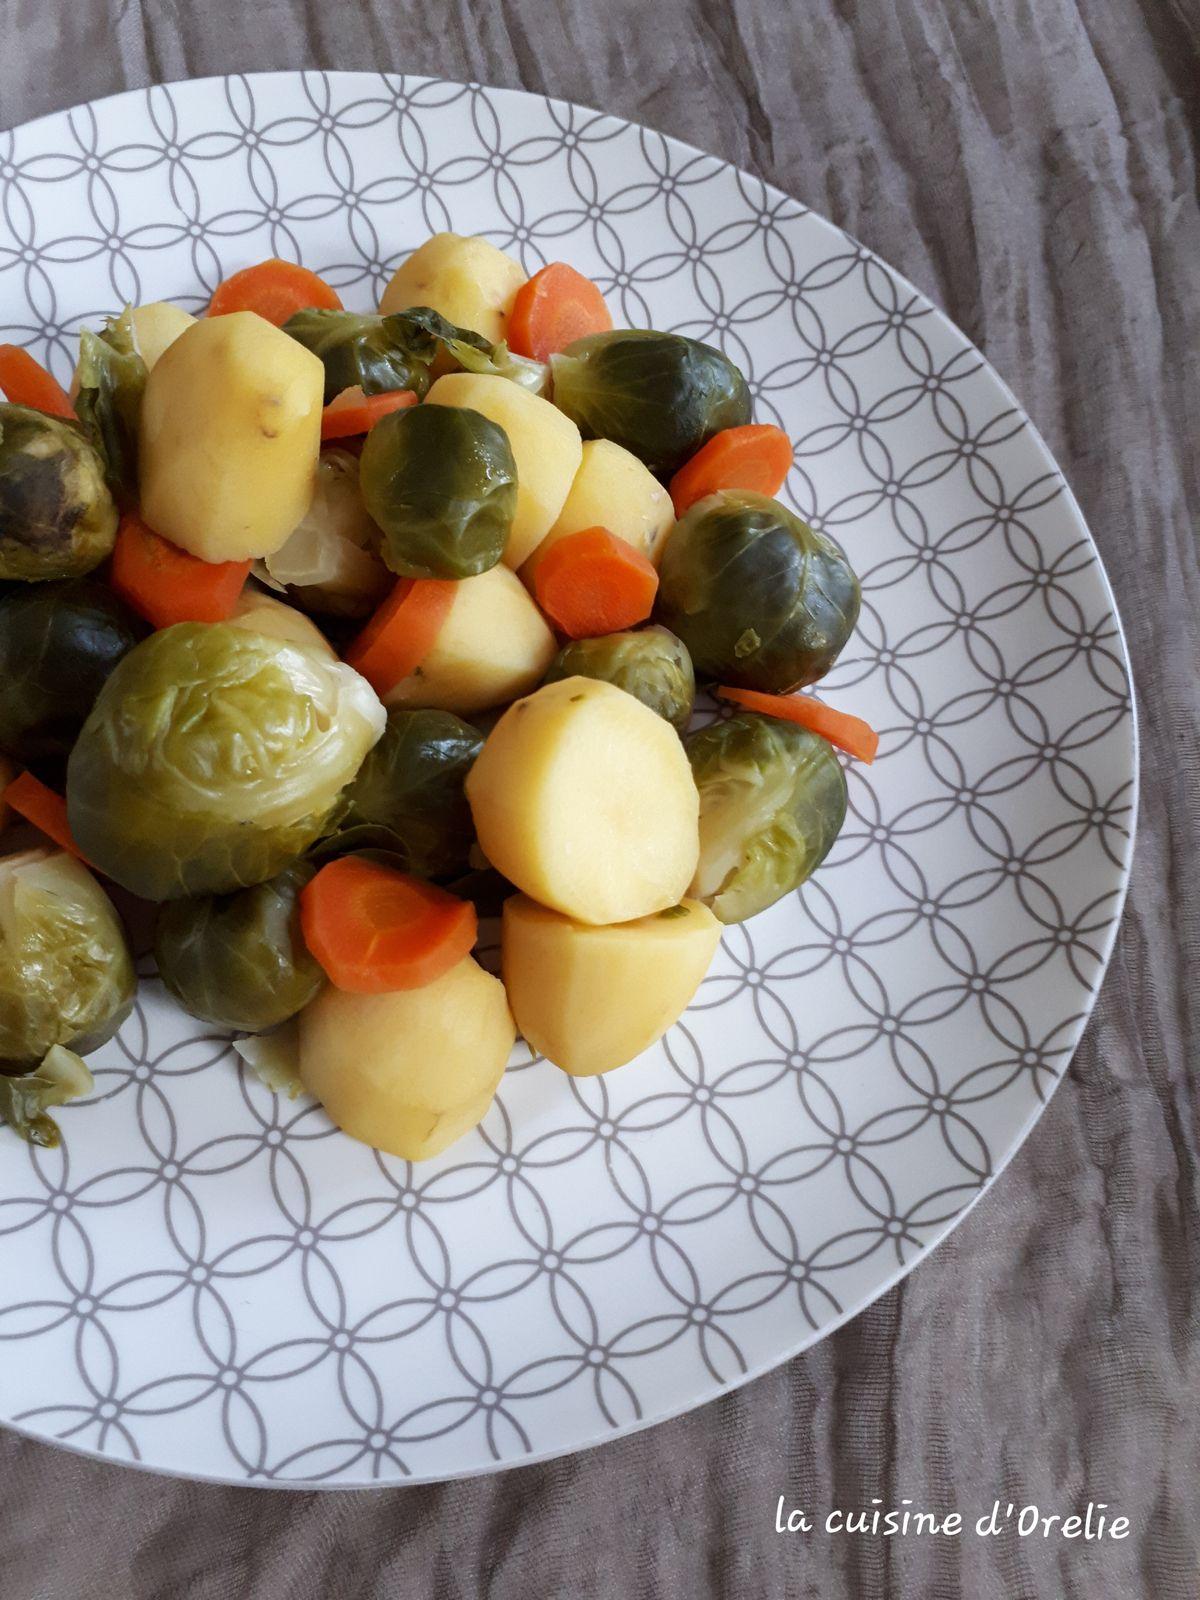 Choux De Bruxelles Cookeo : choux, bruxelles, cookeo, Pommes, Terre,, Choux, Bruxelles, Carottes, Cookeo, Sans), Cuisine, D'Orelie